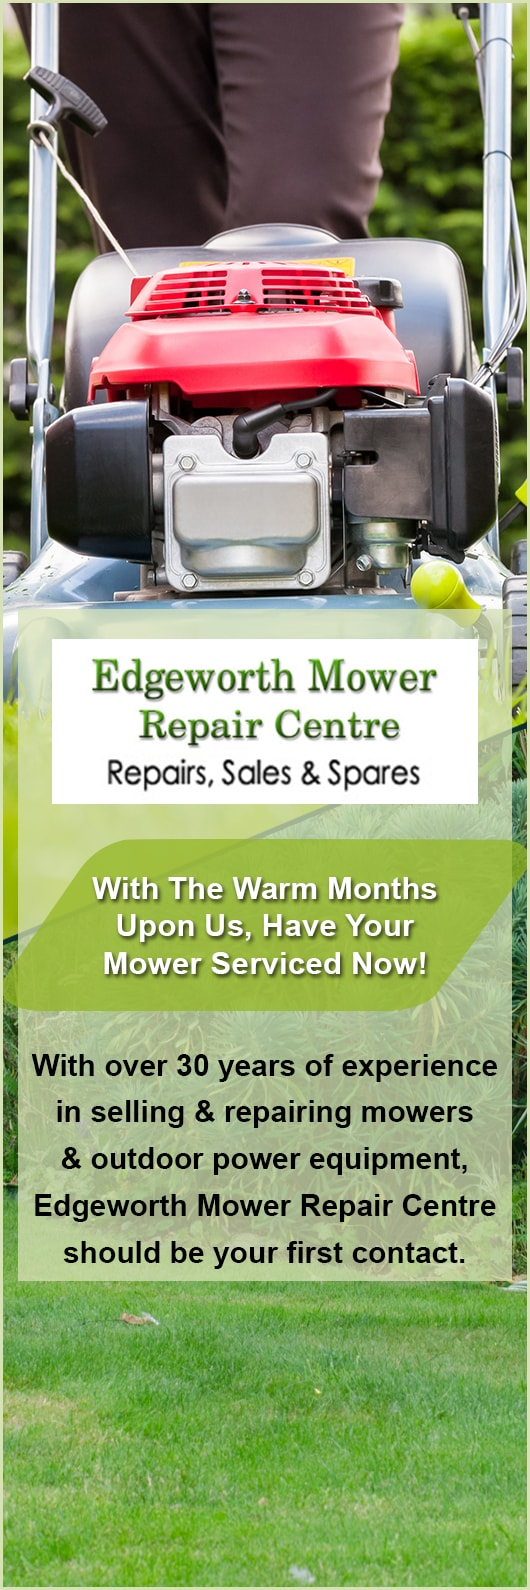 Edgeworth Mower Repair Centre Lawn Mower Shops Amp Repairs